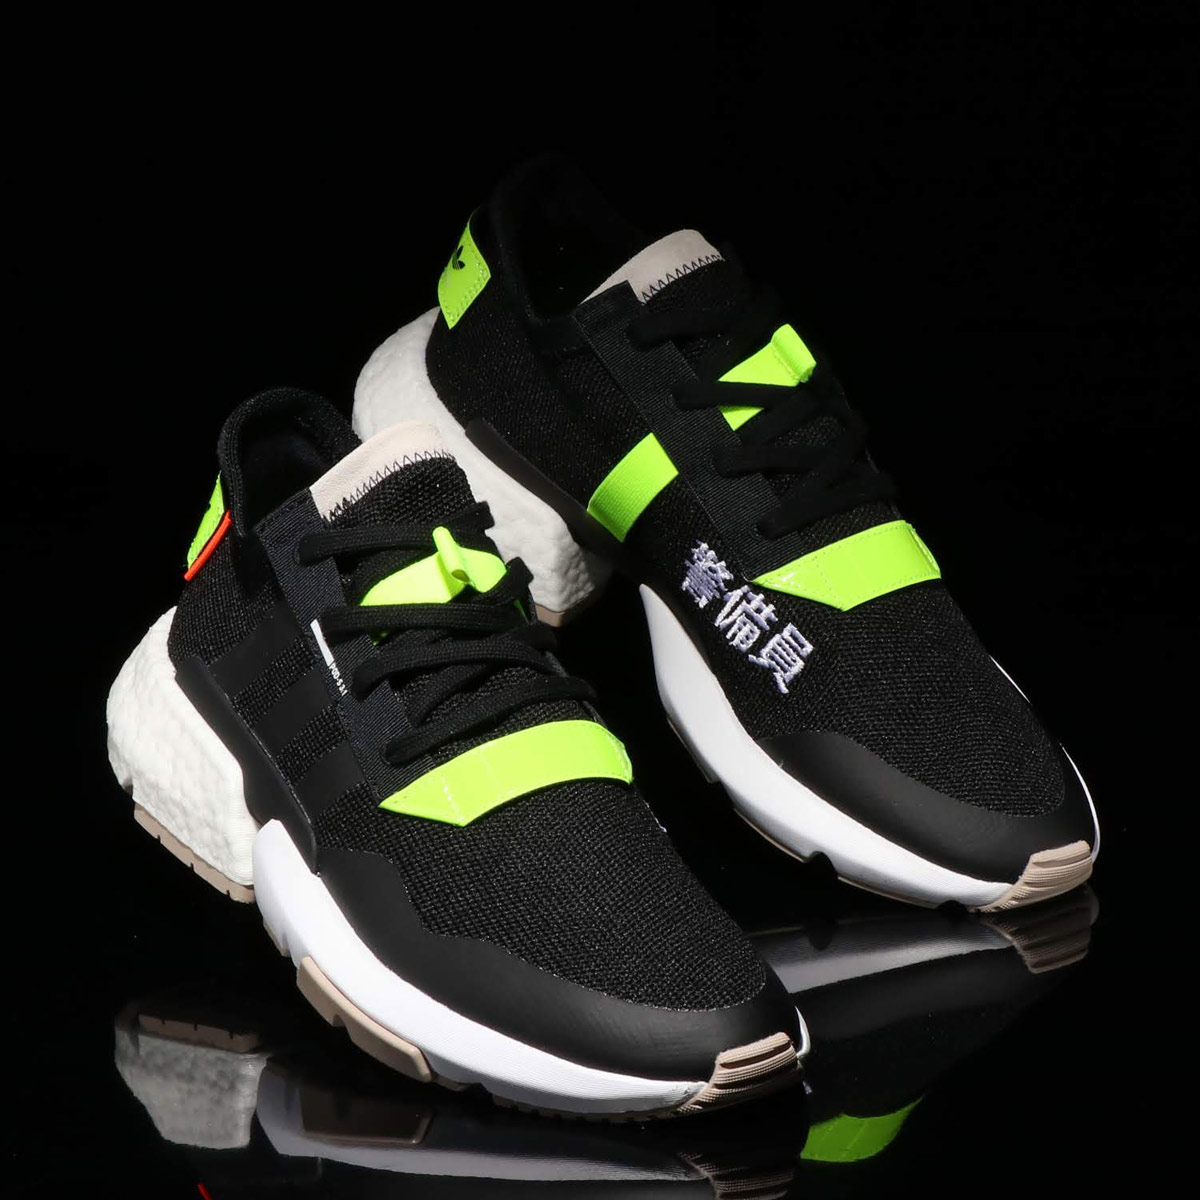 adidas Originals POD-S3.1(アディダスオリジナルス POD-S3.1)CORE BLACK/SOLAR YELLOW/RUNNING WHITE 【メンズ レディース スニーカー】18FW-S